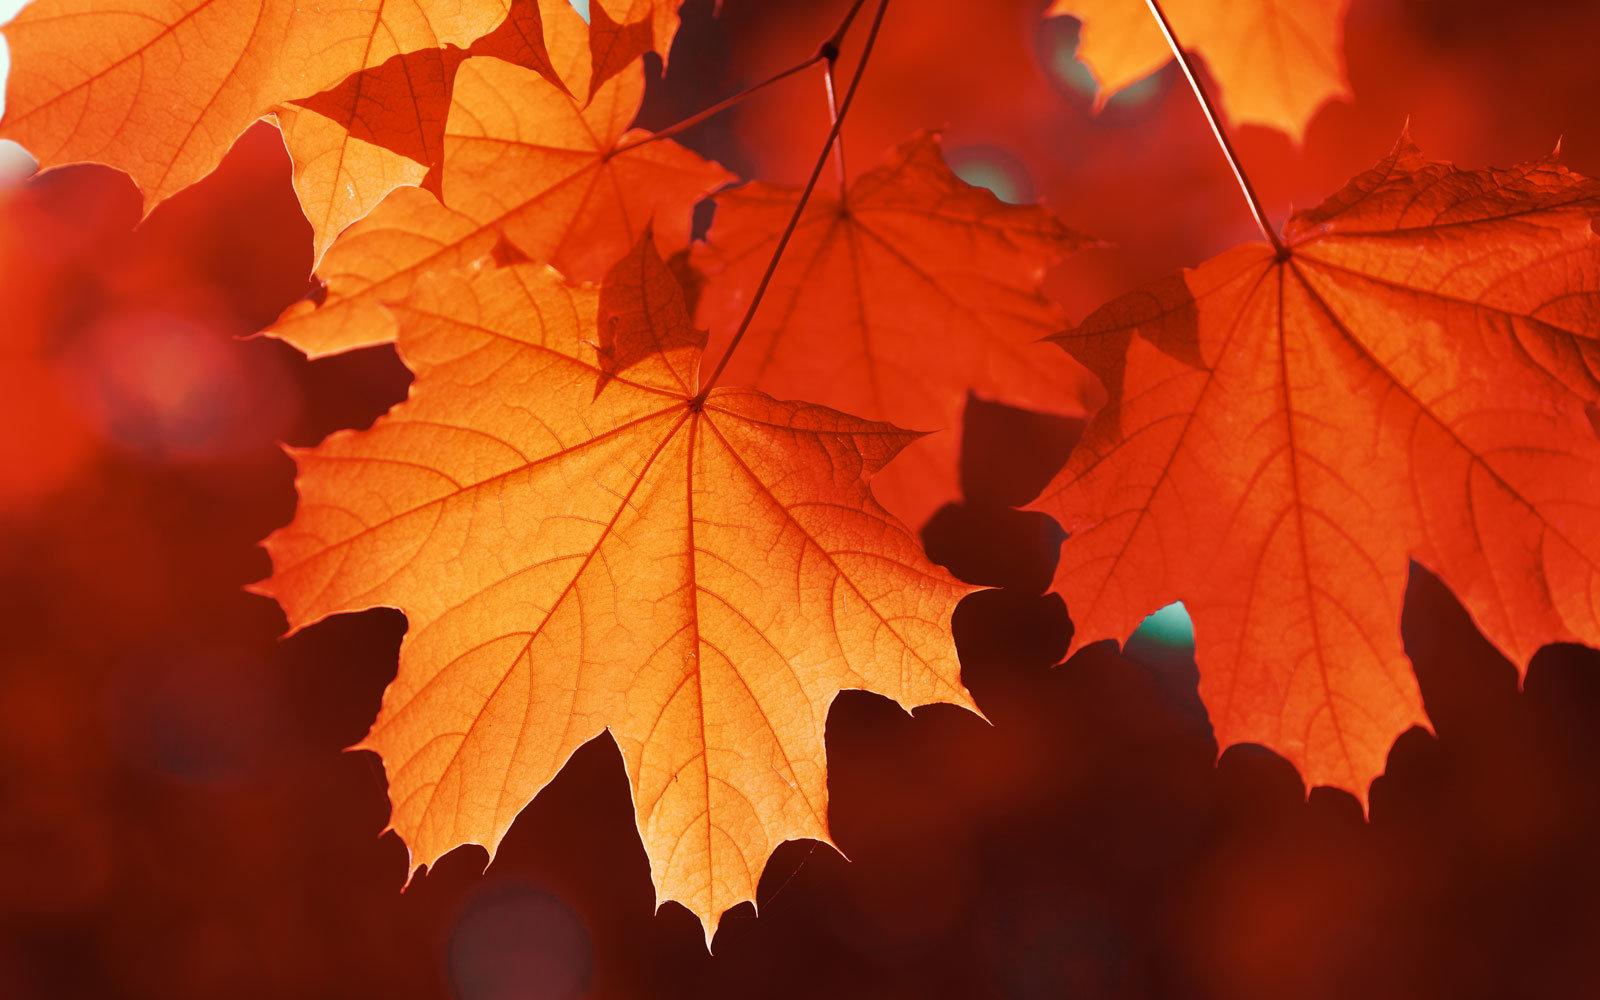 colorful-fall-leaves-SELLLEAVES1017.jpg